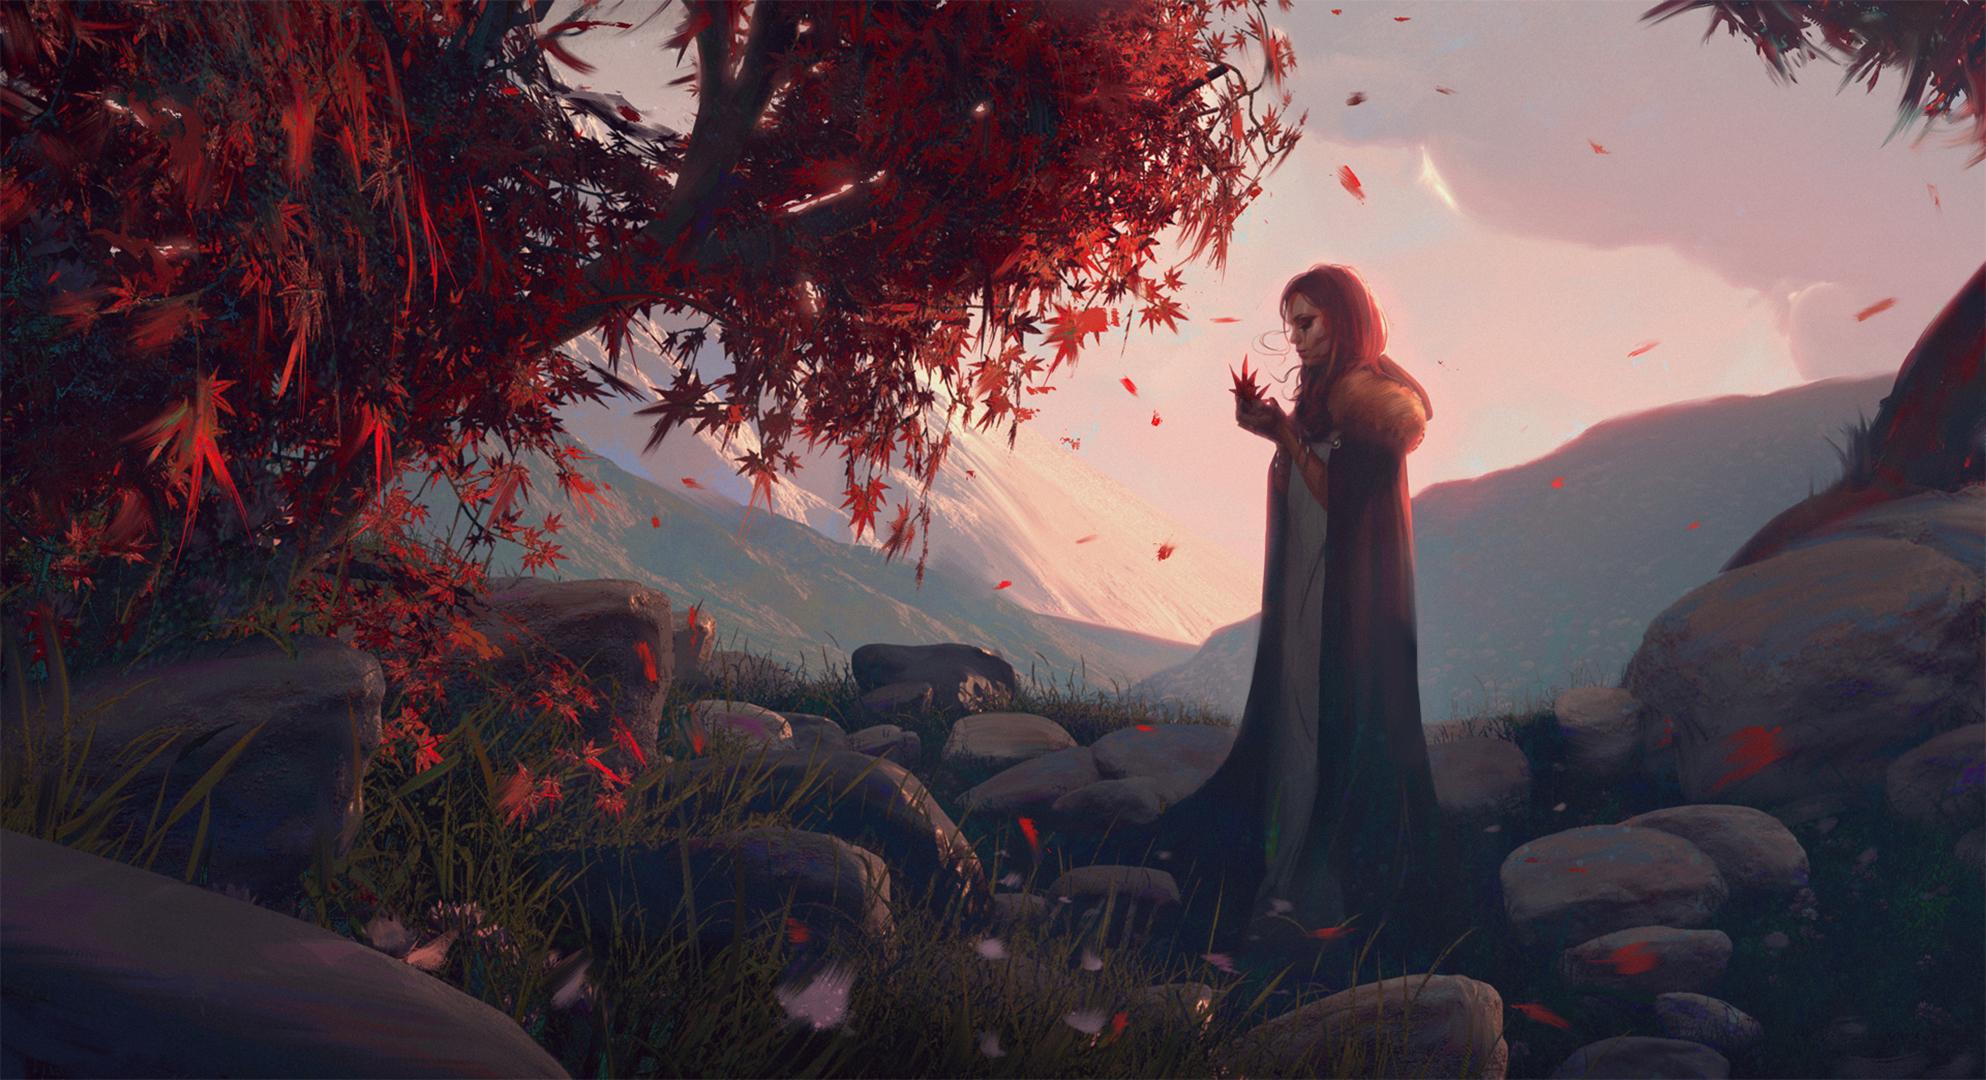 Фото рыжая девушка фэнтези 21 фотография